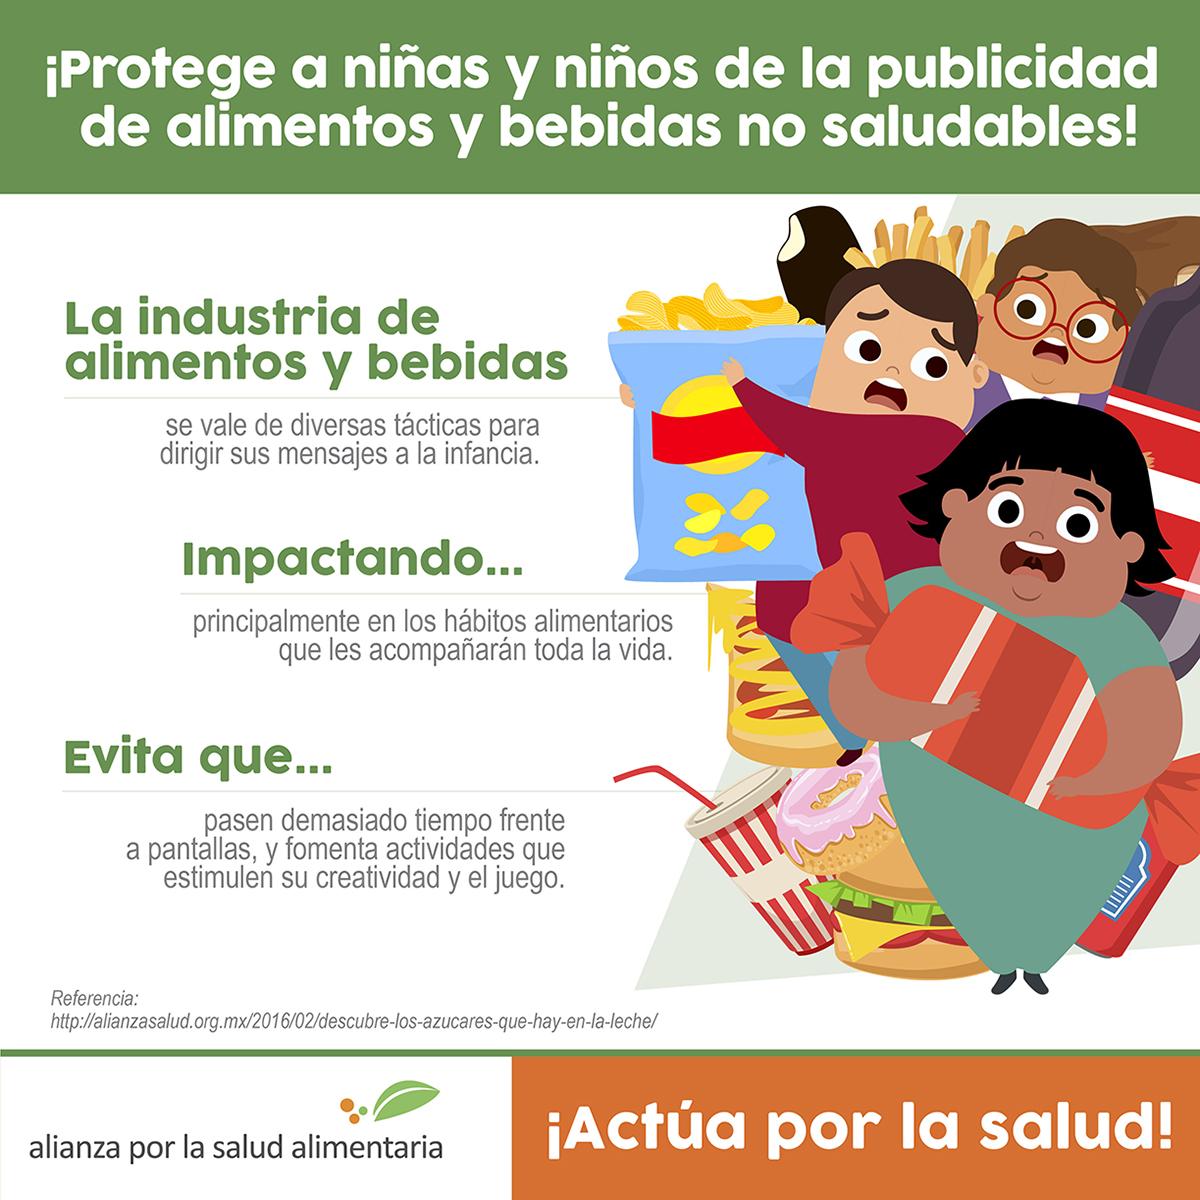 Protege a niñas y niños de la publicidad de alimentos y bebidas no  saludables! - Alianza por la Salud Alimentaria